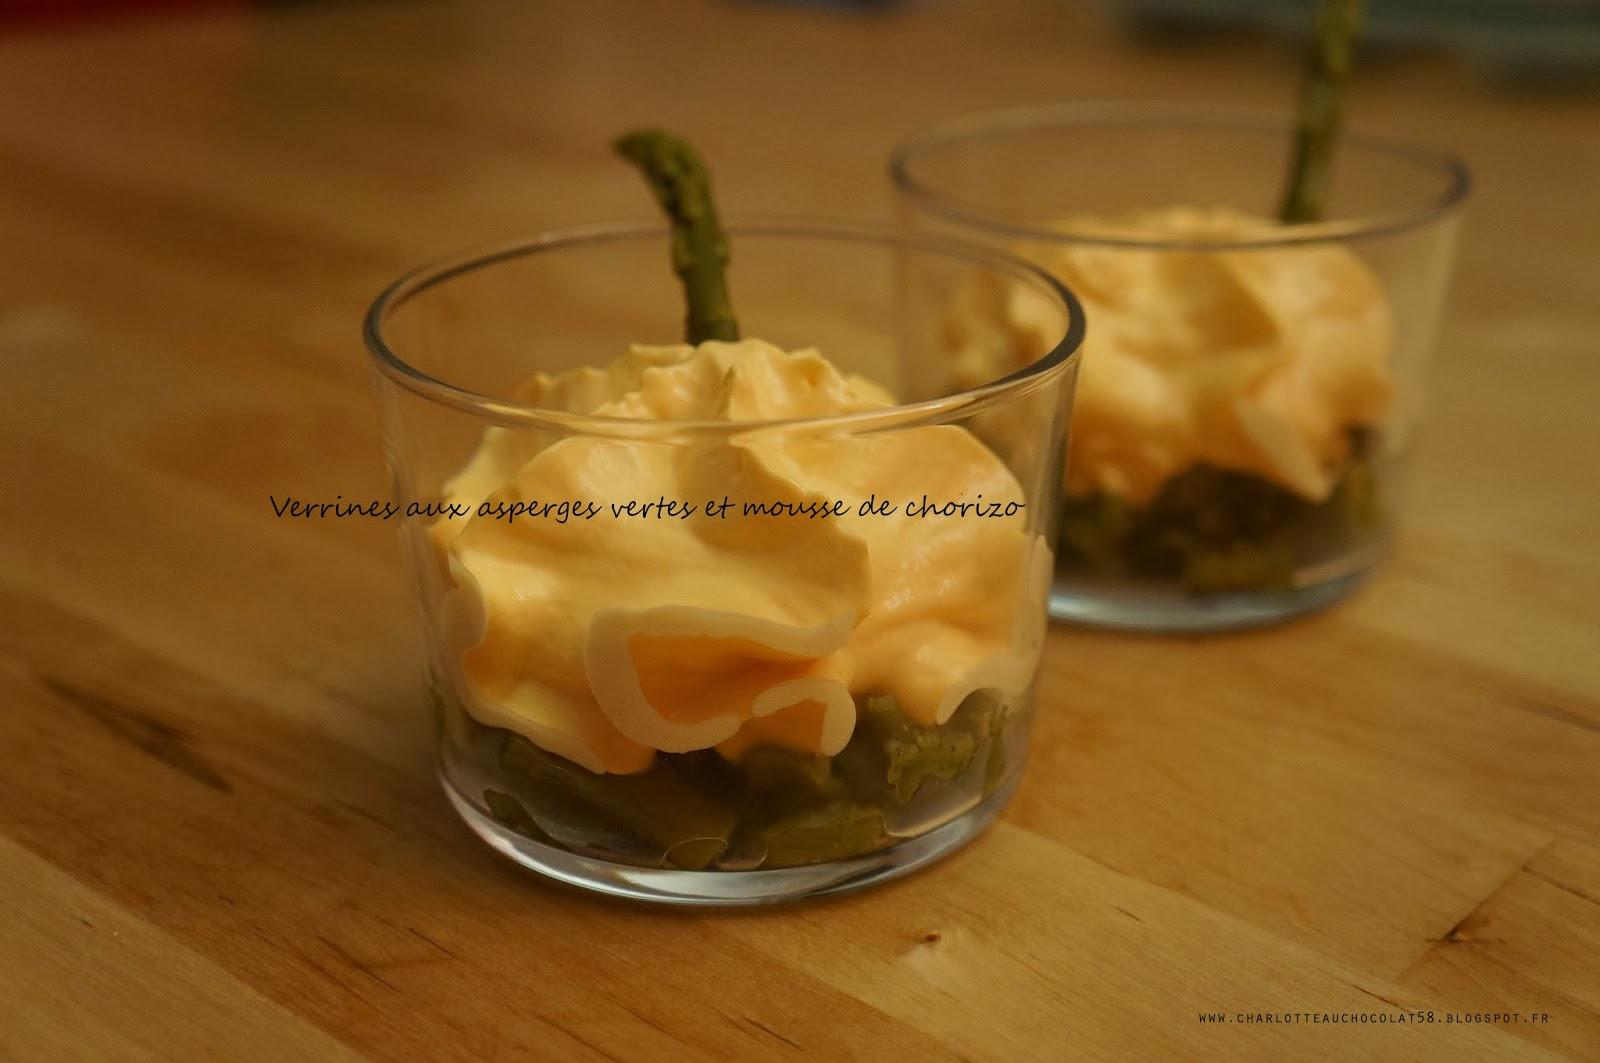 charlotteauchocolat58 blog culinaire lyon verrines d 39 asperges vertes et mousse de chorizo. Black Bedroom Furniture Sets. Home Design Ideas